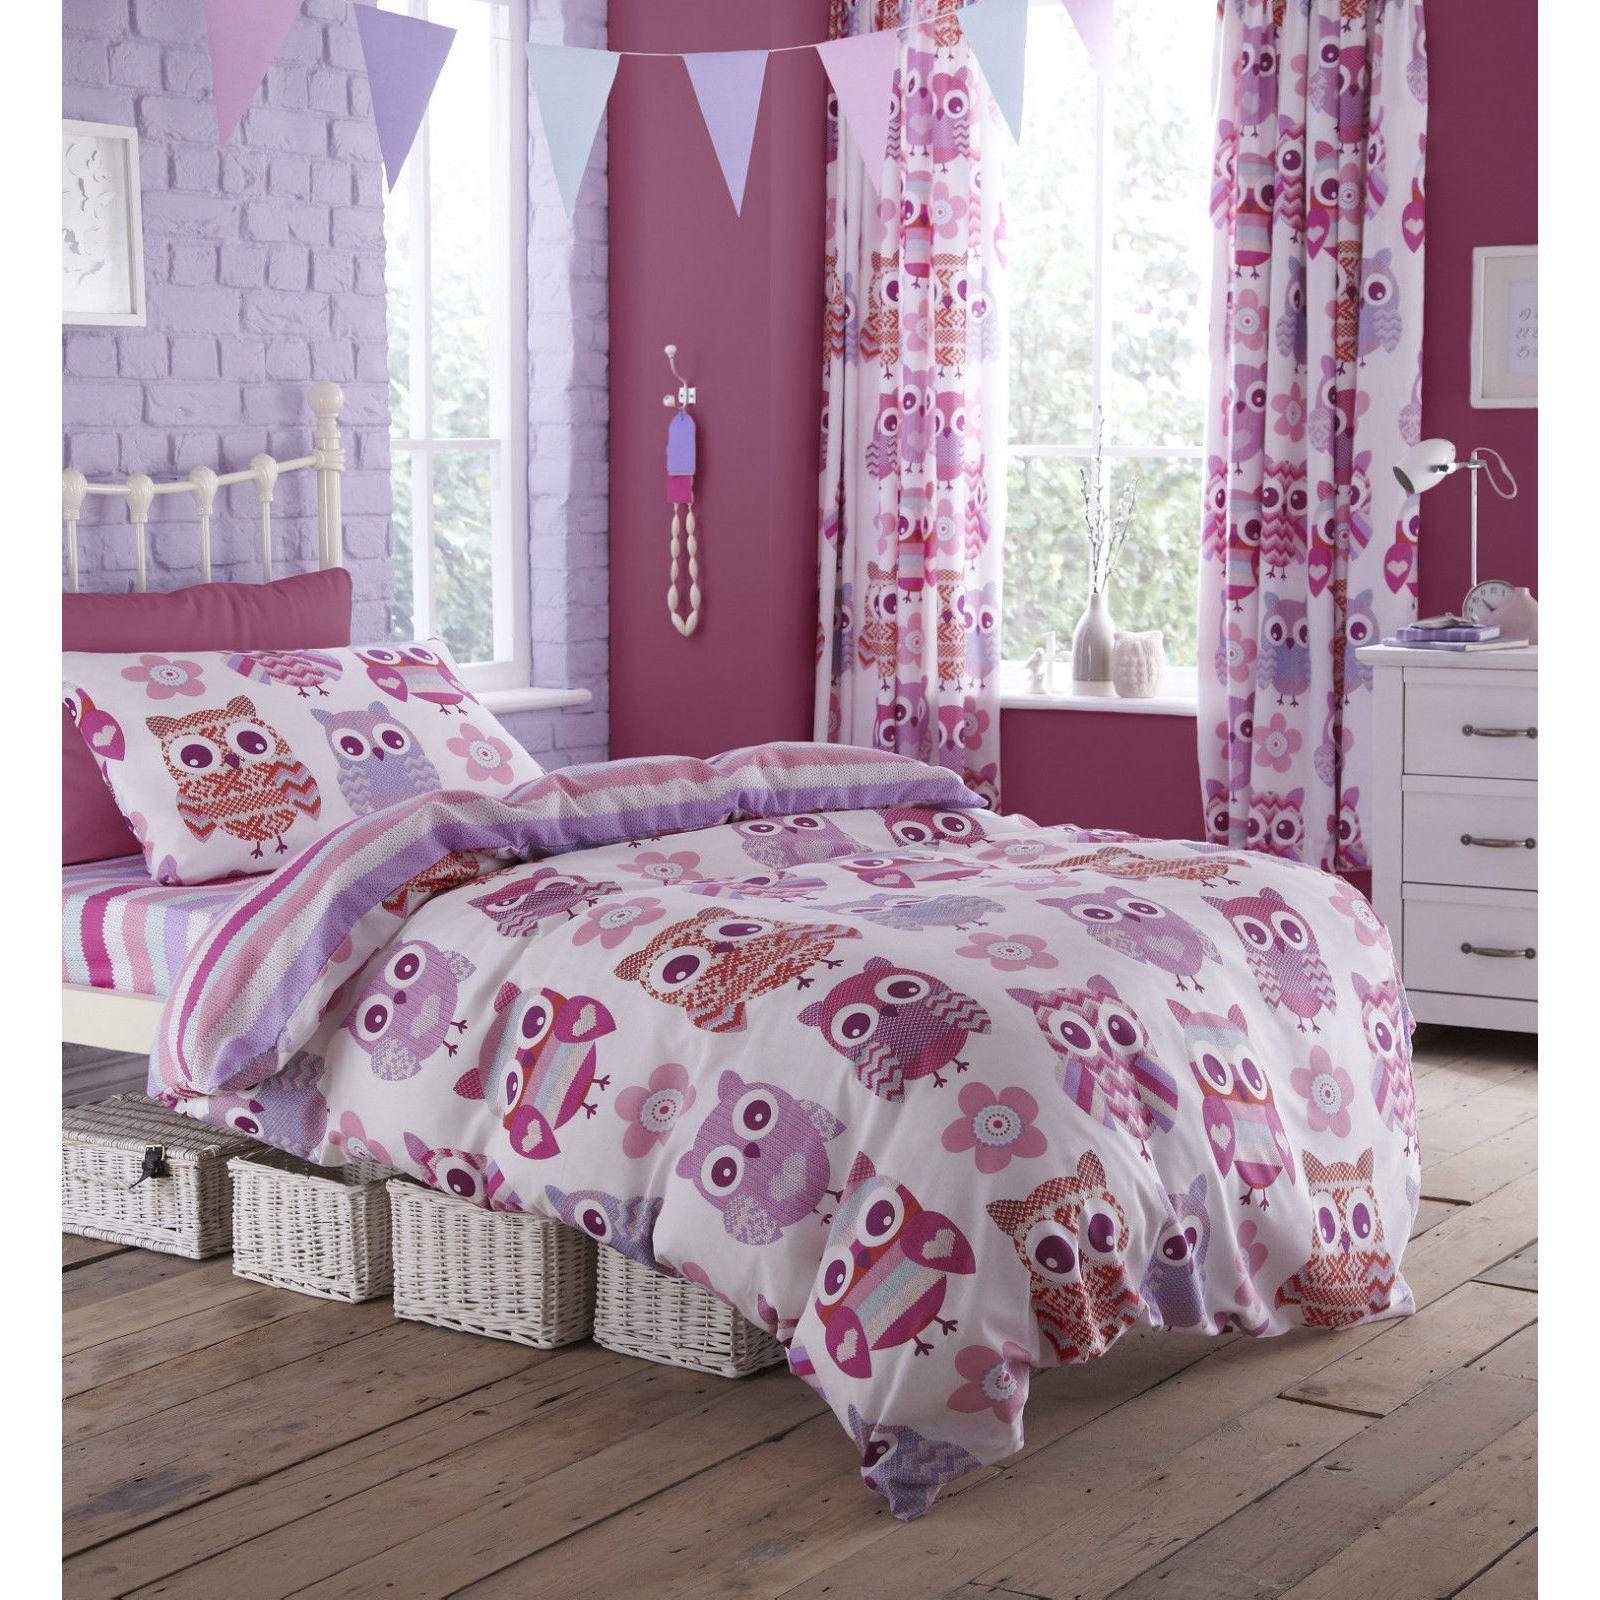 Purple Horse Bedding For Girls - Girls single duvet cover sets bedding unicorn flower